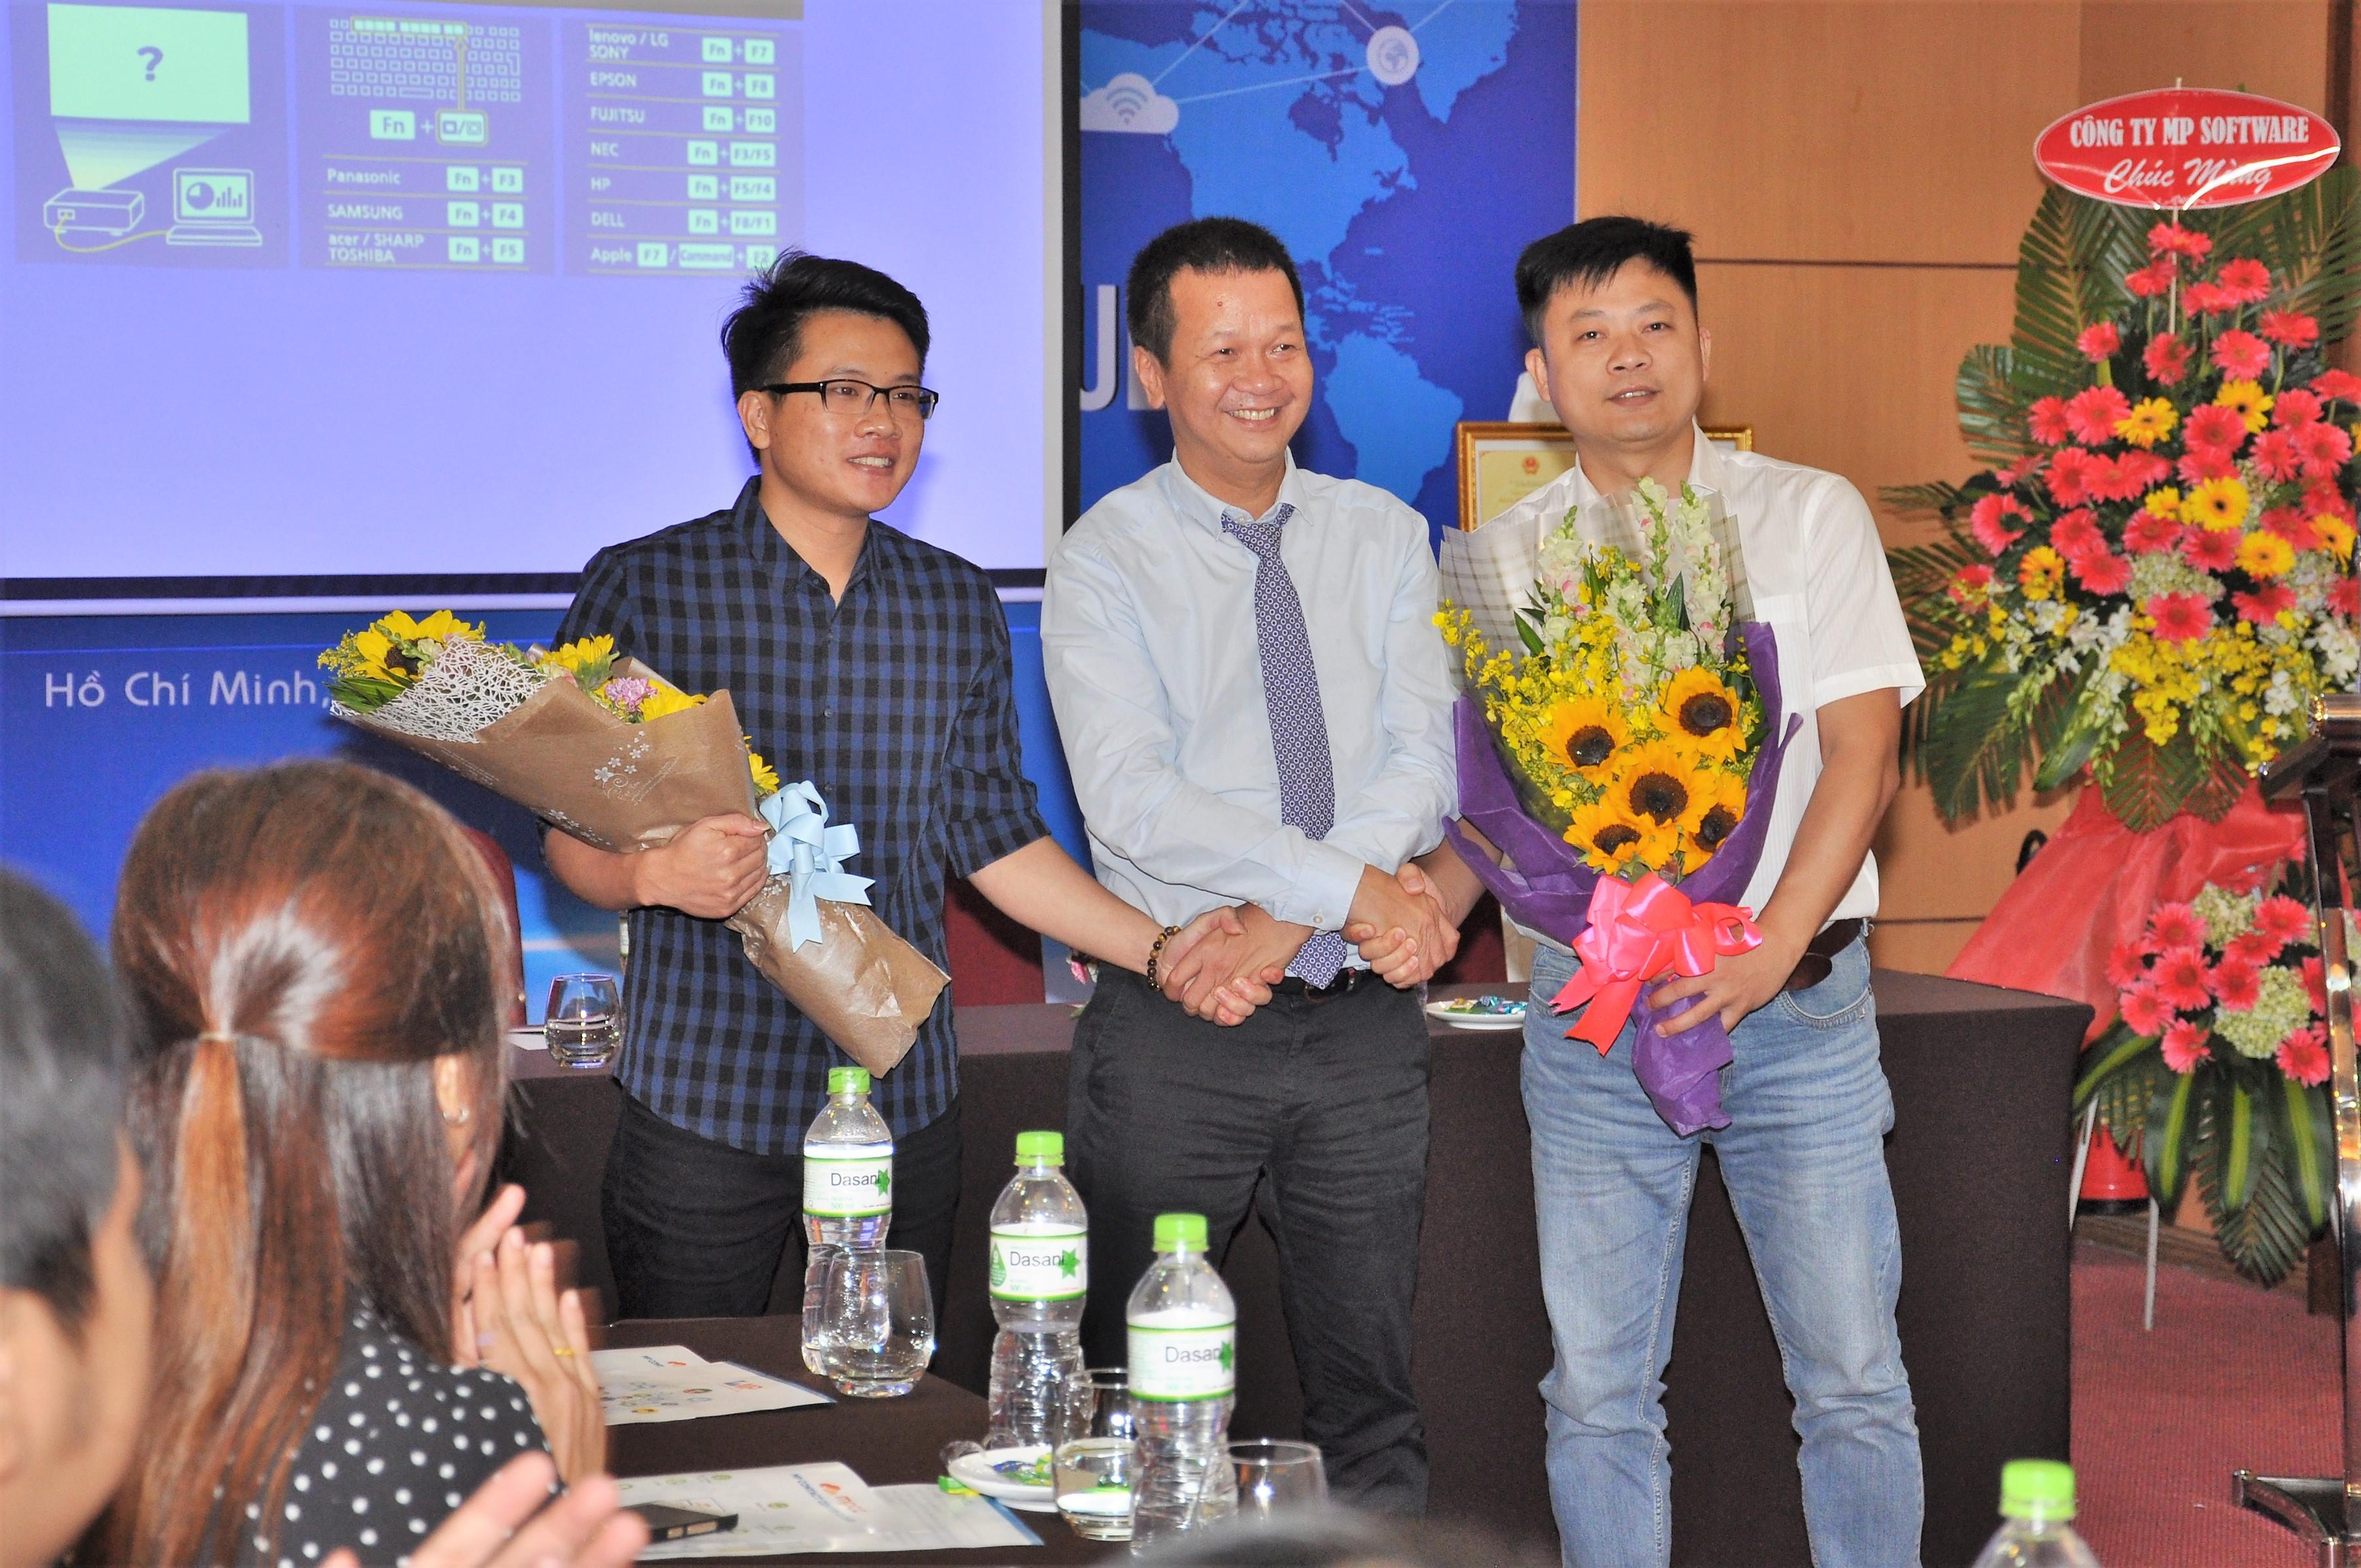 Ông Nguyễn Việt Trung - TGĐ Công ty Minh Phúc tặng hoa chúc mừng nhóm phát triển giải pháp quản lý Contact Center.